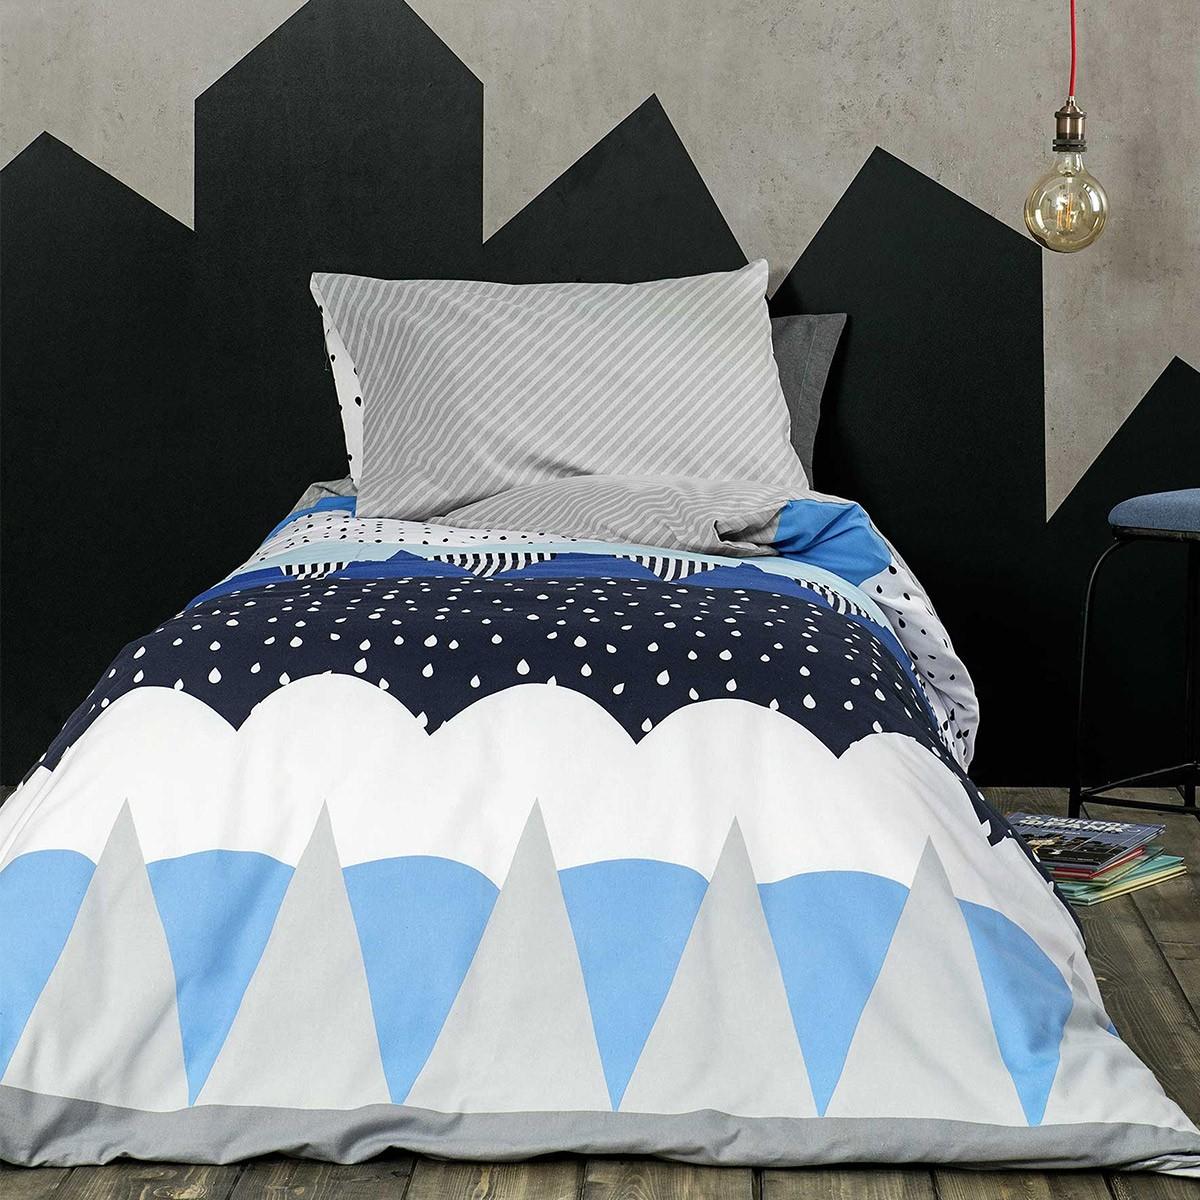 Φανελένια Σεντόνια Ημίδιπλα (Σετ) Nima Kids Snowy Blue